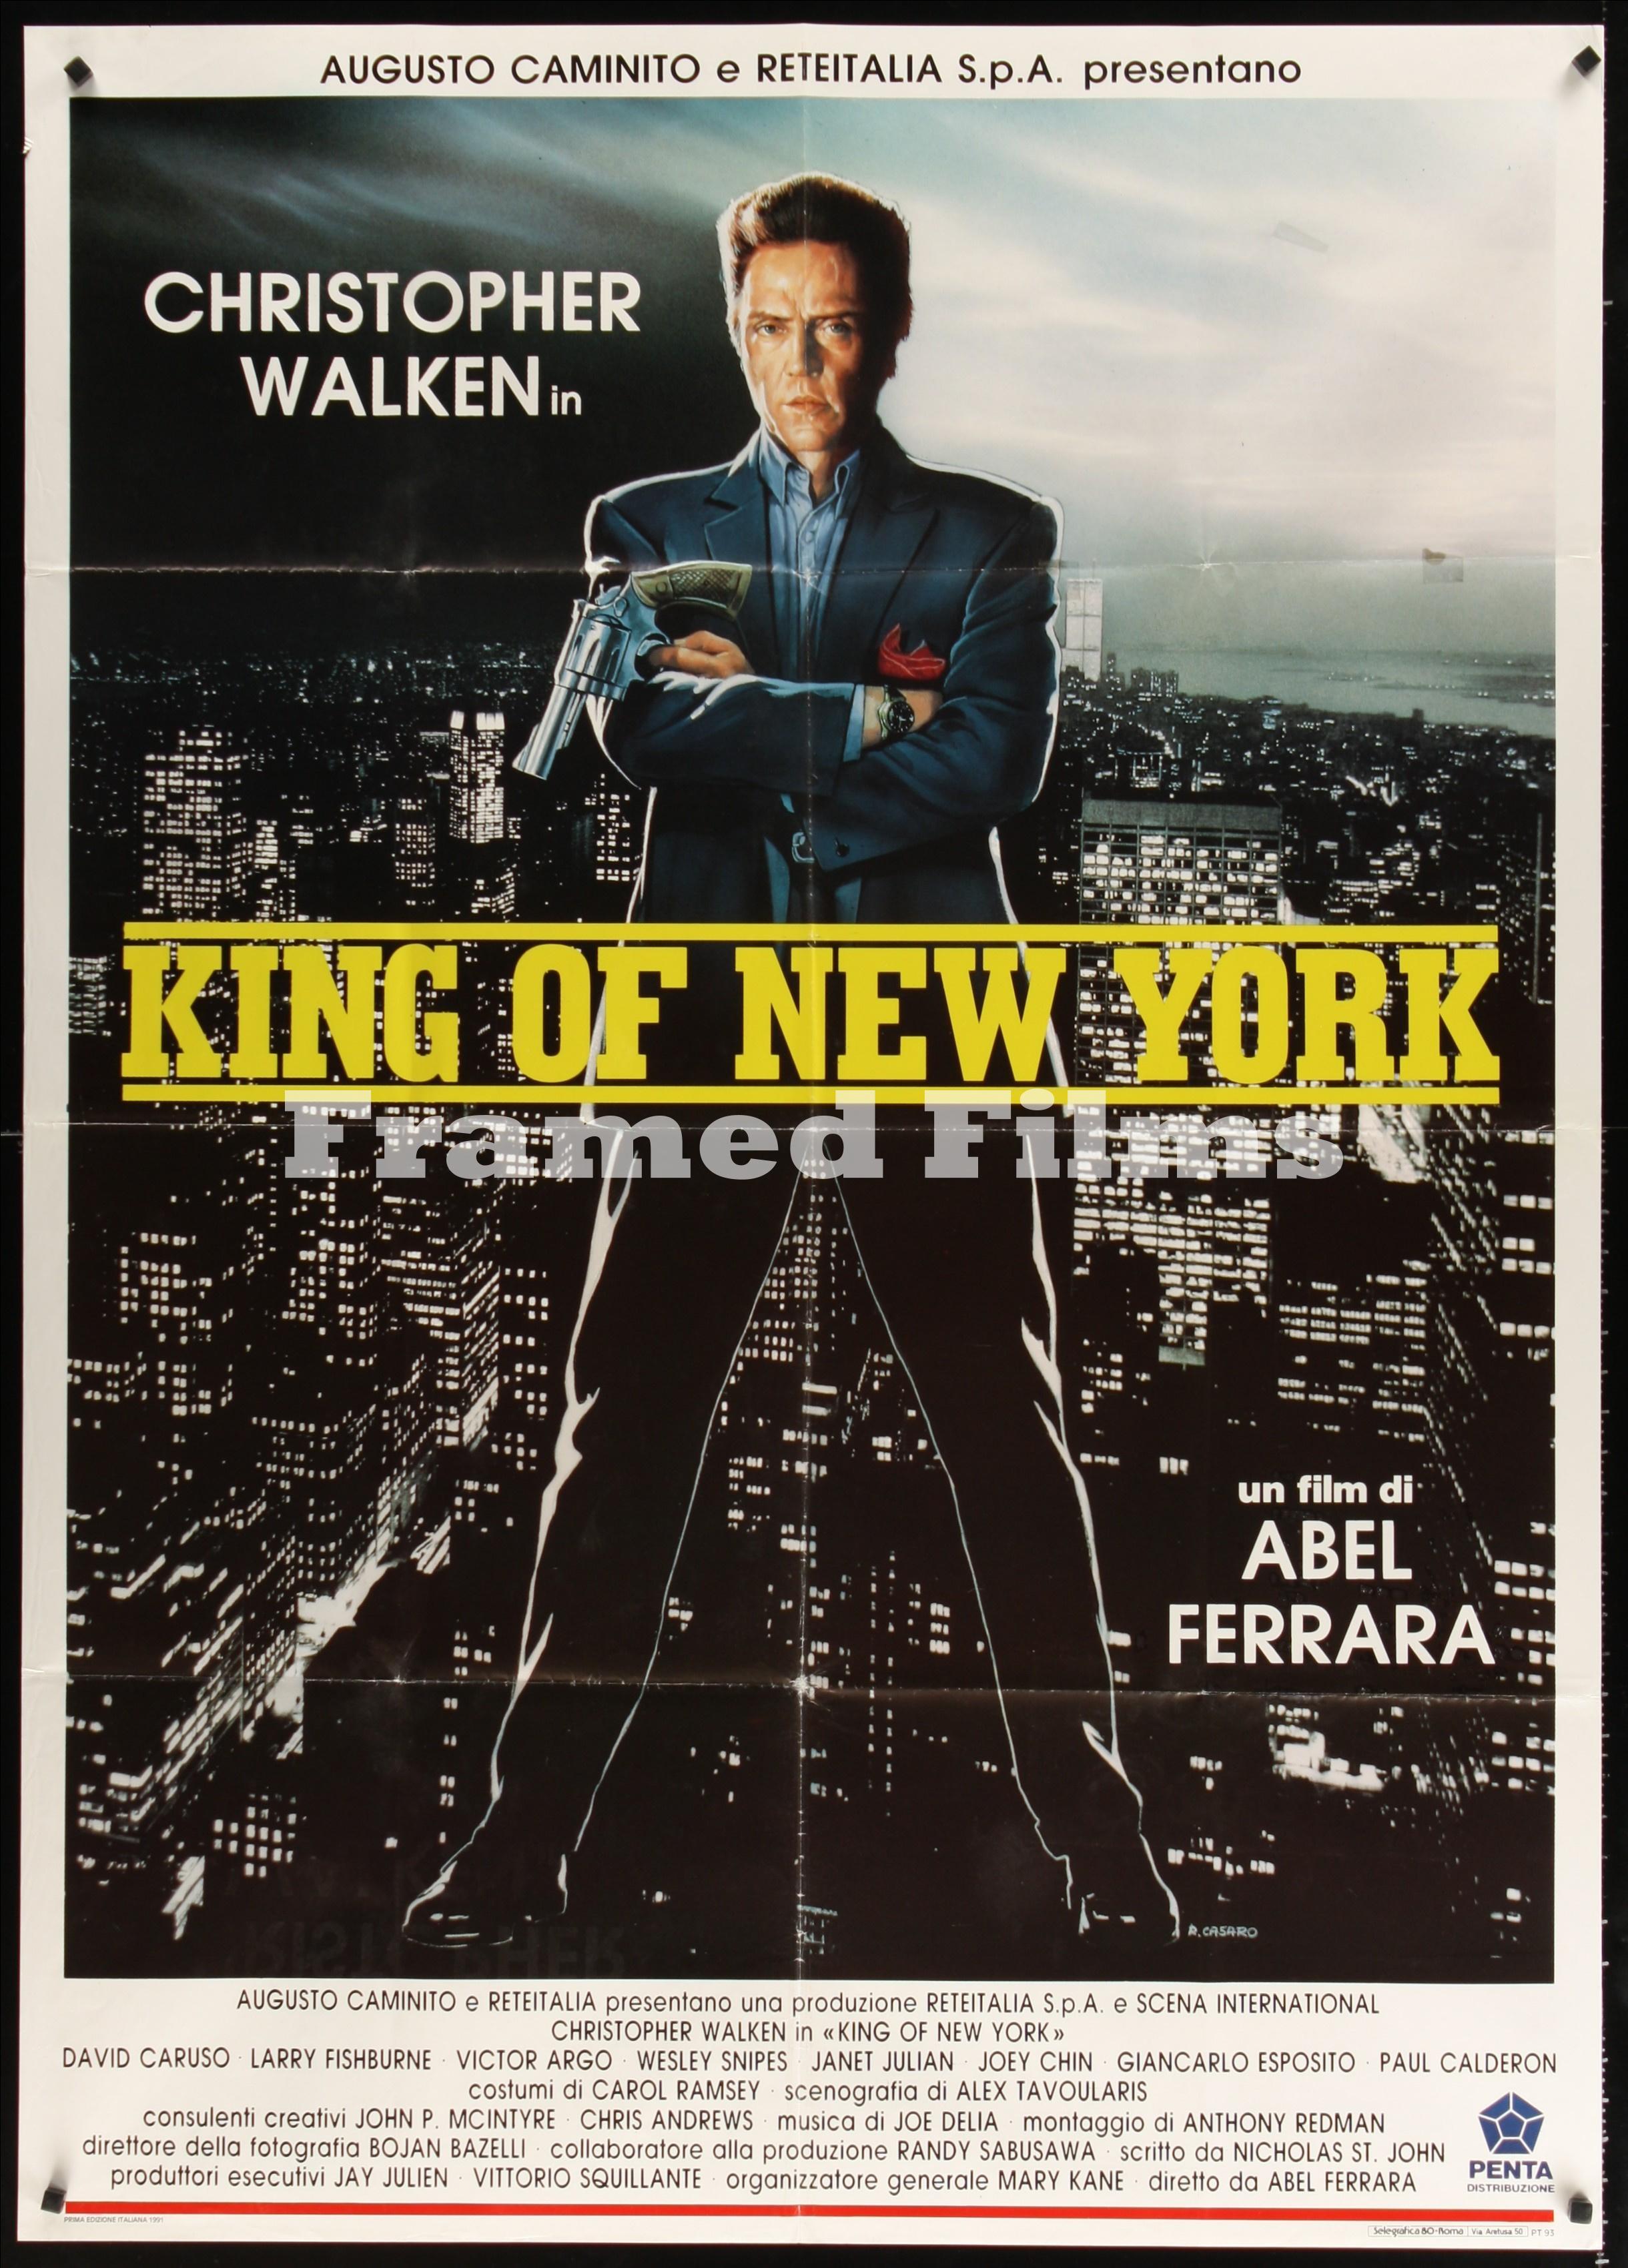 italian_1p_king_of_new_york_dupe1_JC07208_L.jpg